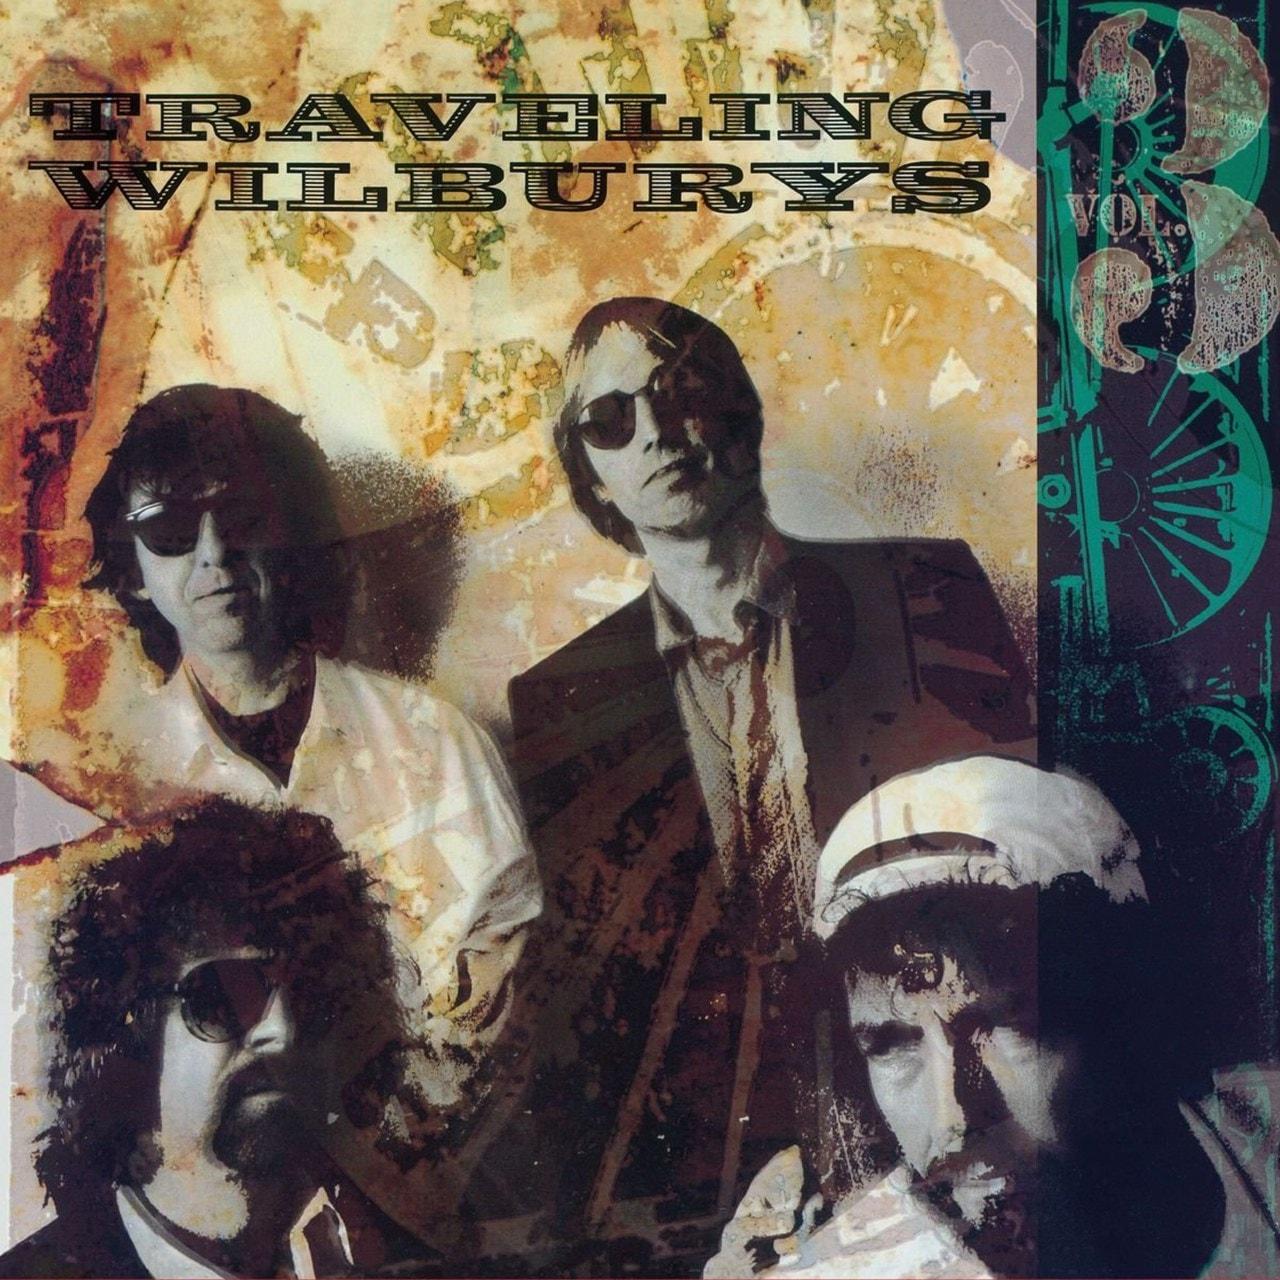 The Traveling Wilburys - Volume 3 - 1